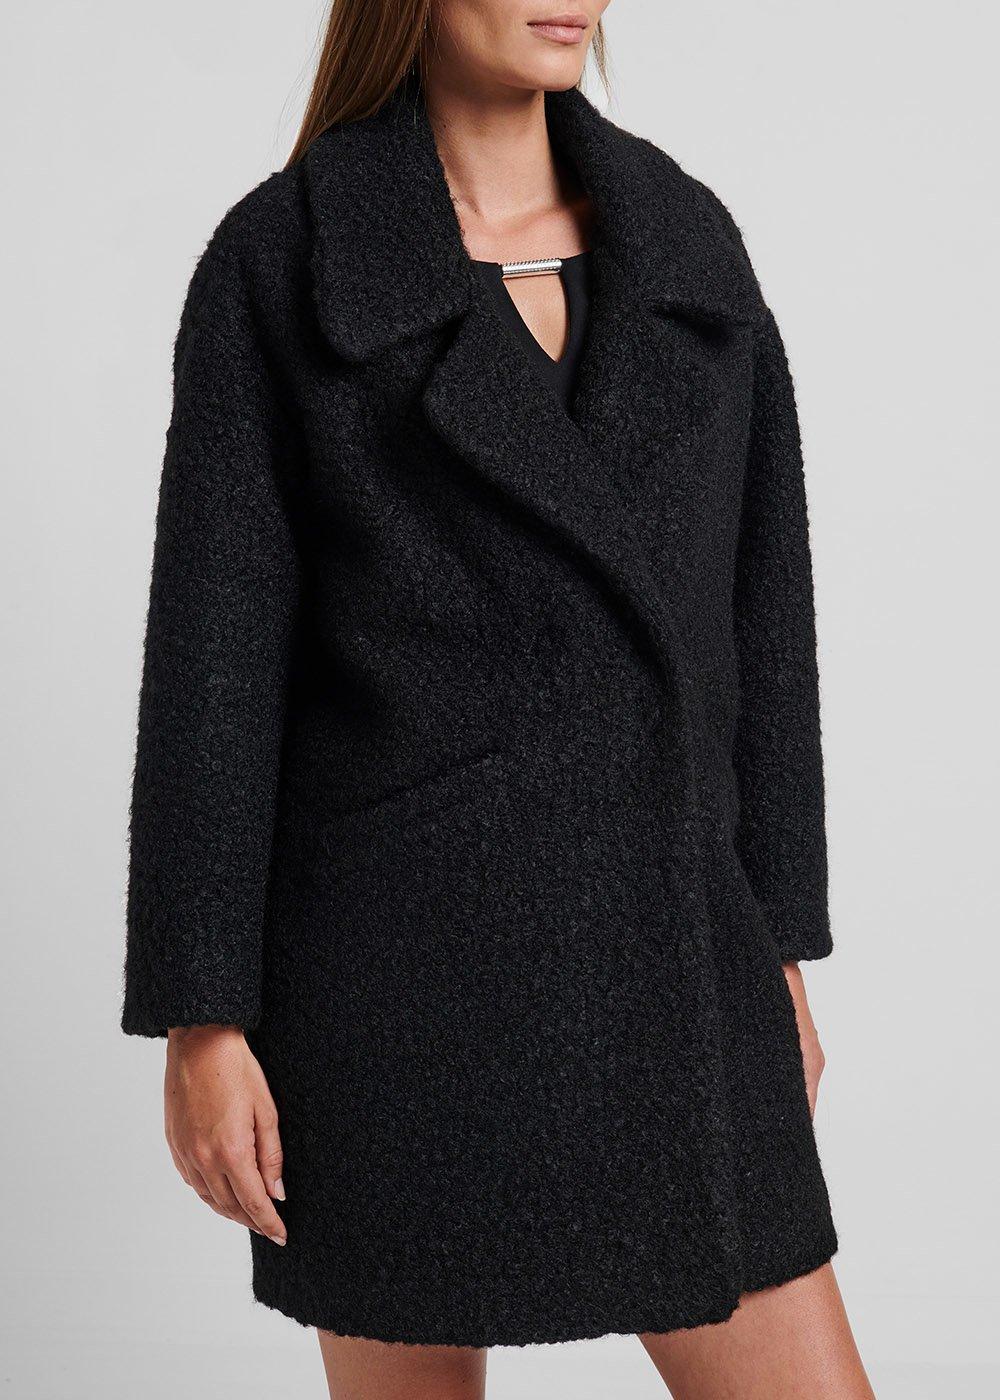 Cappotto doppiopetto in eco pelliccia - Black - Donna